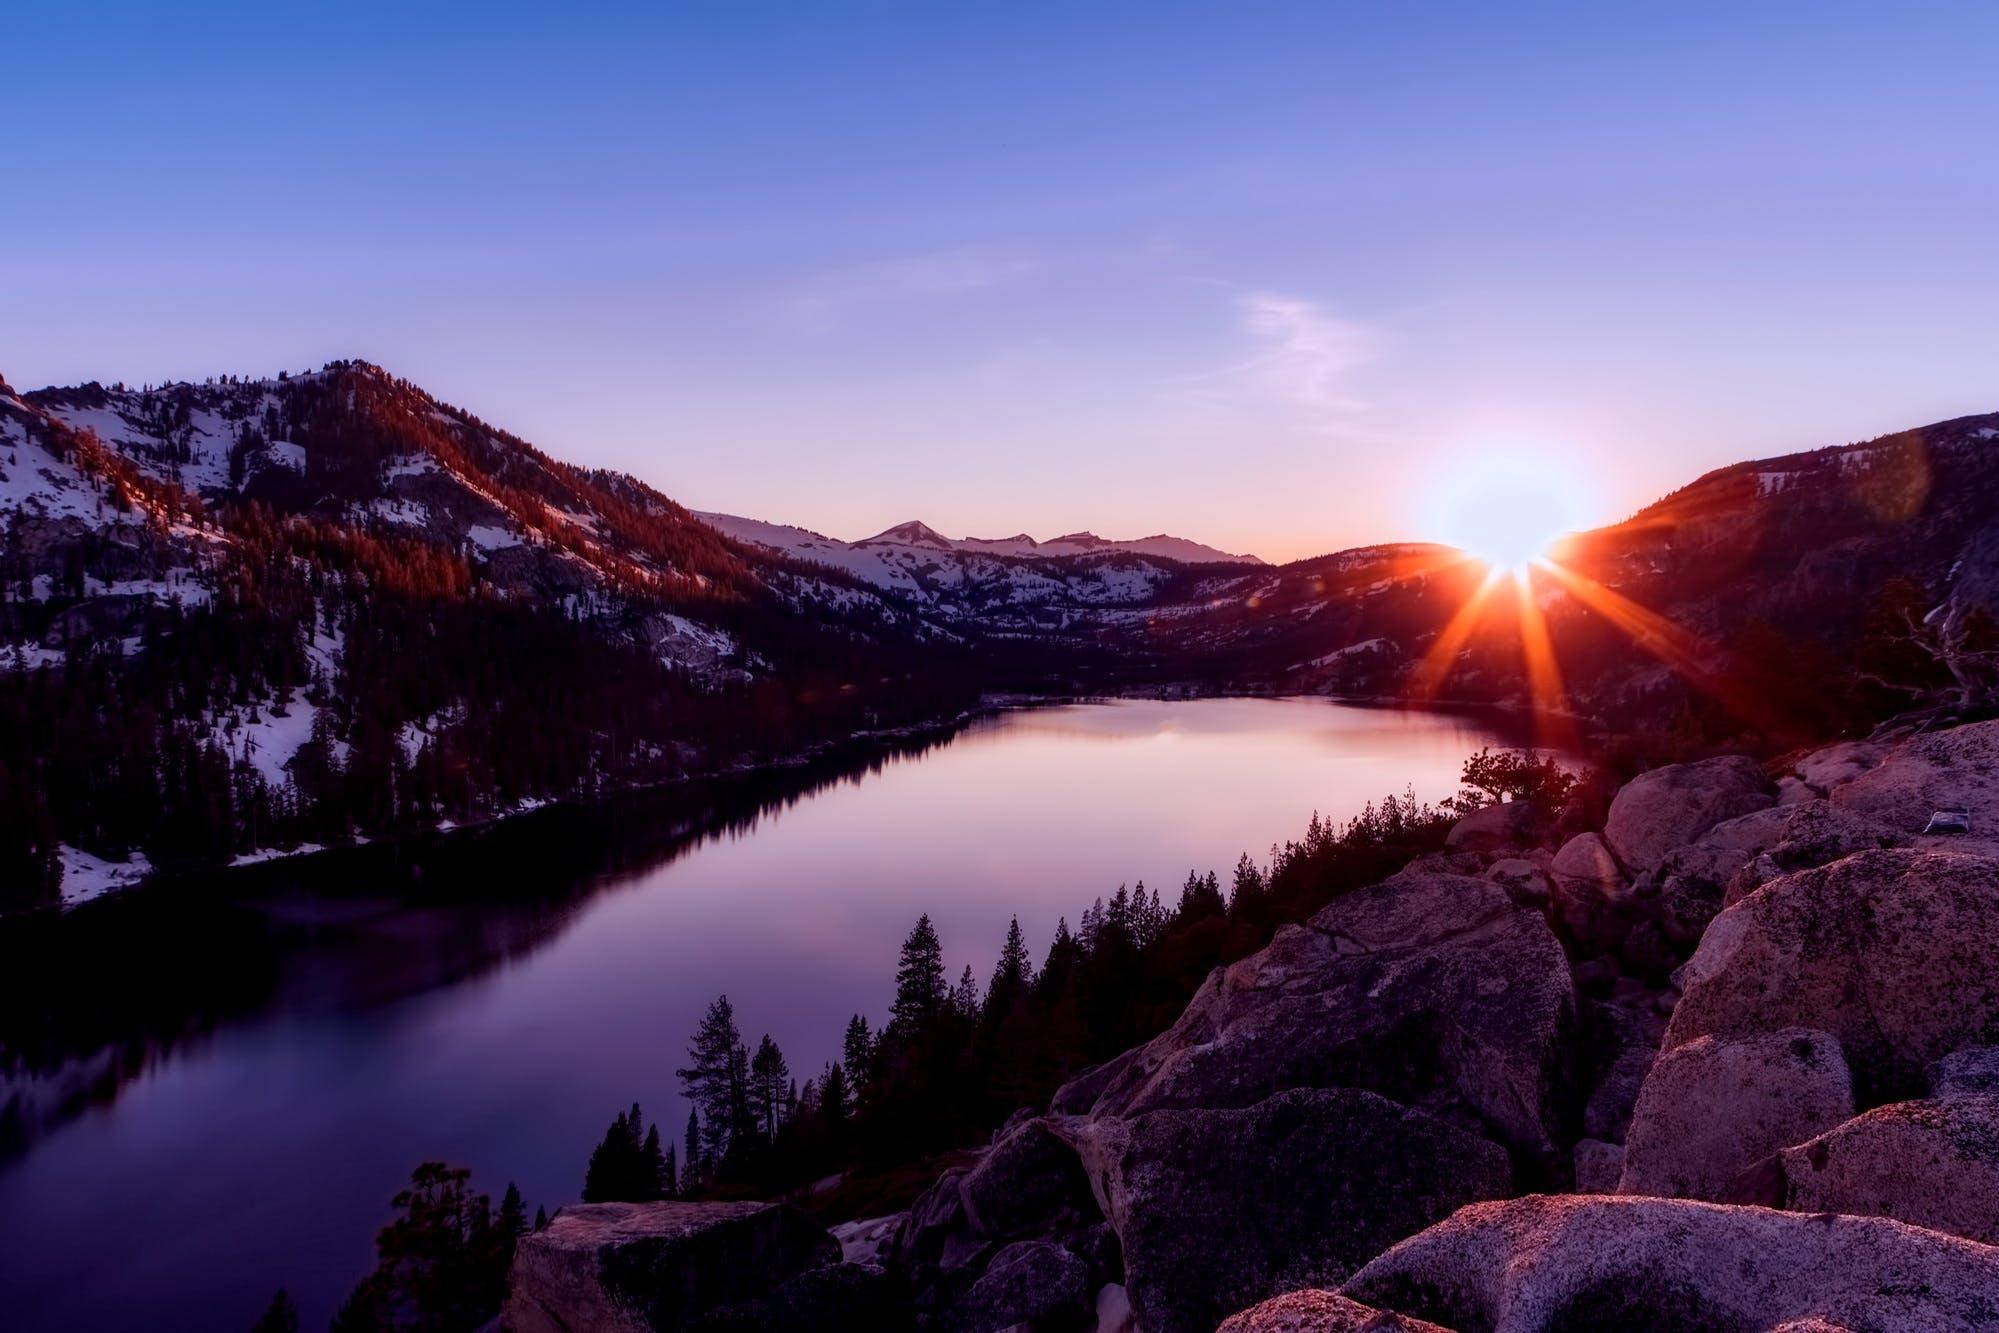 夕方, 太陽, 山岳, 岩の無料の写真素材